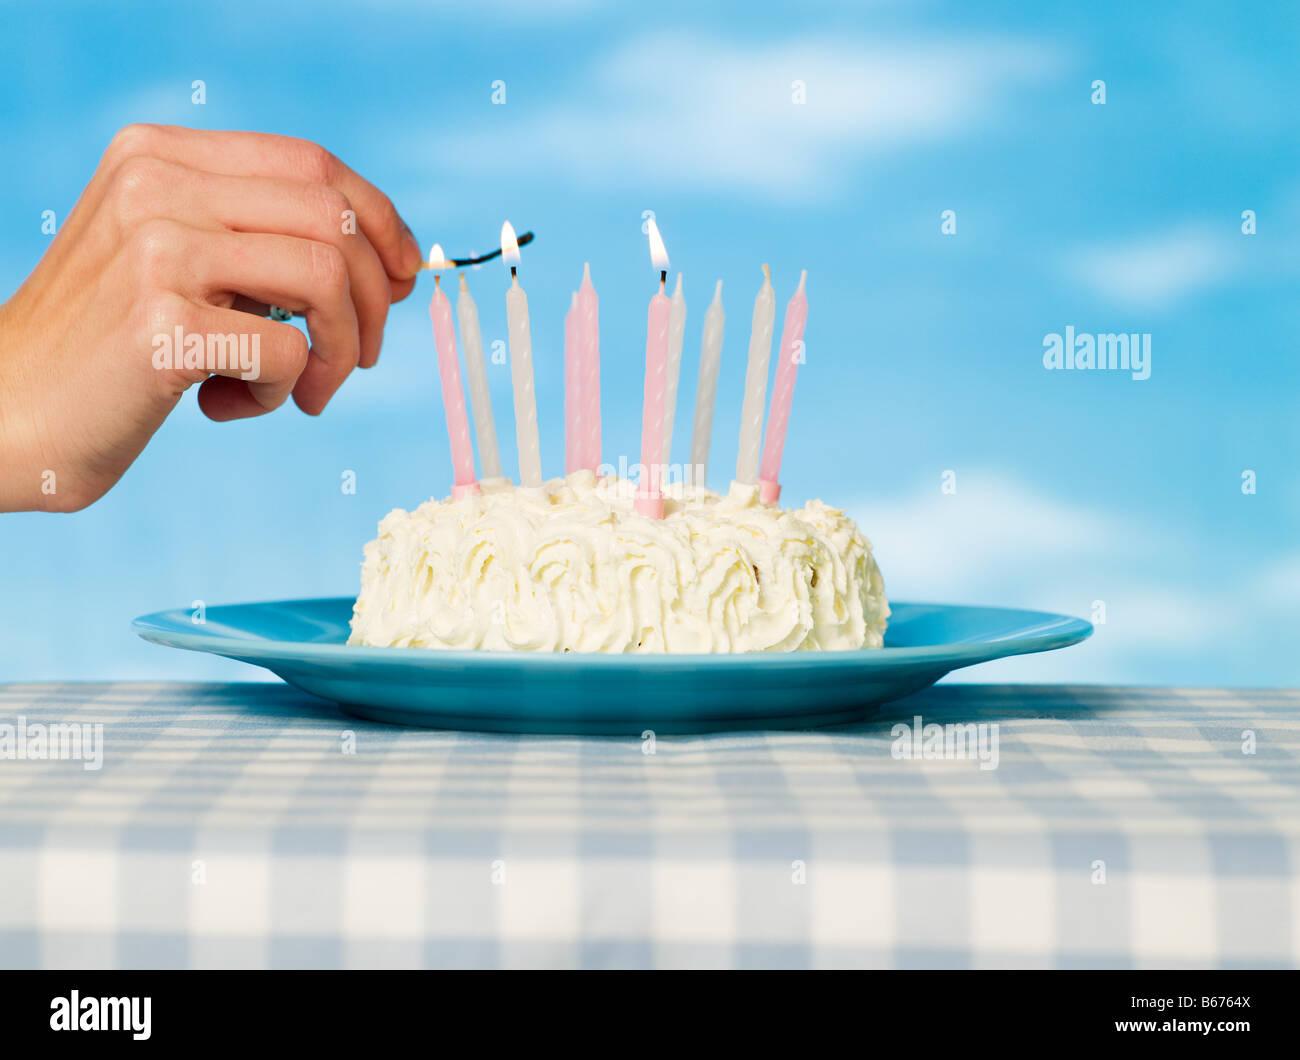 Una persona coincide con iluminación sobre una tarta Imagen De Stock